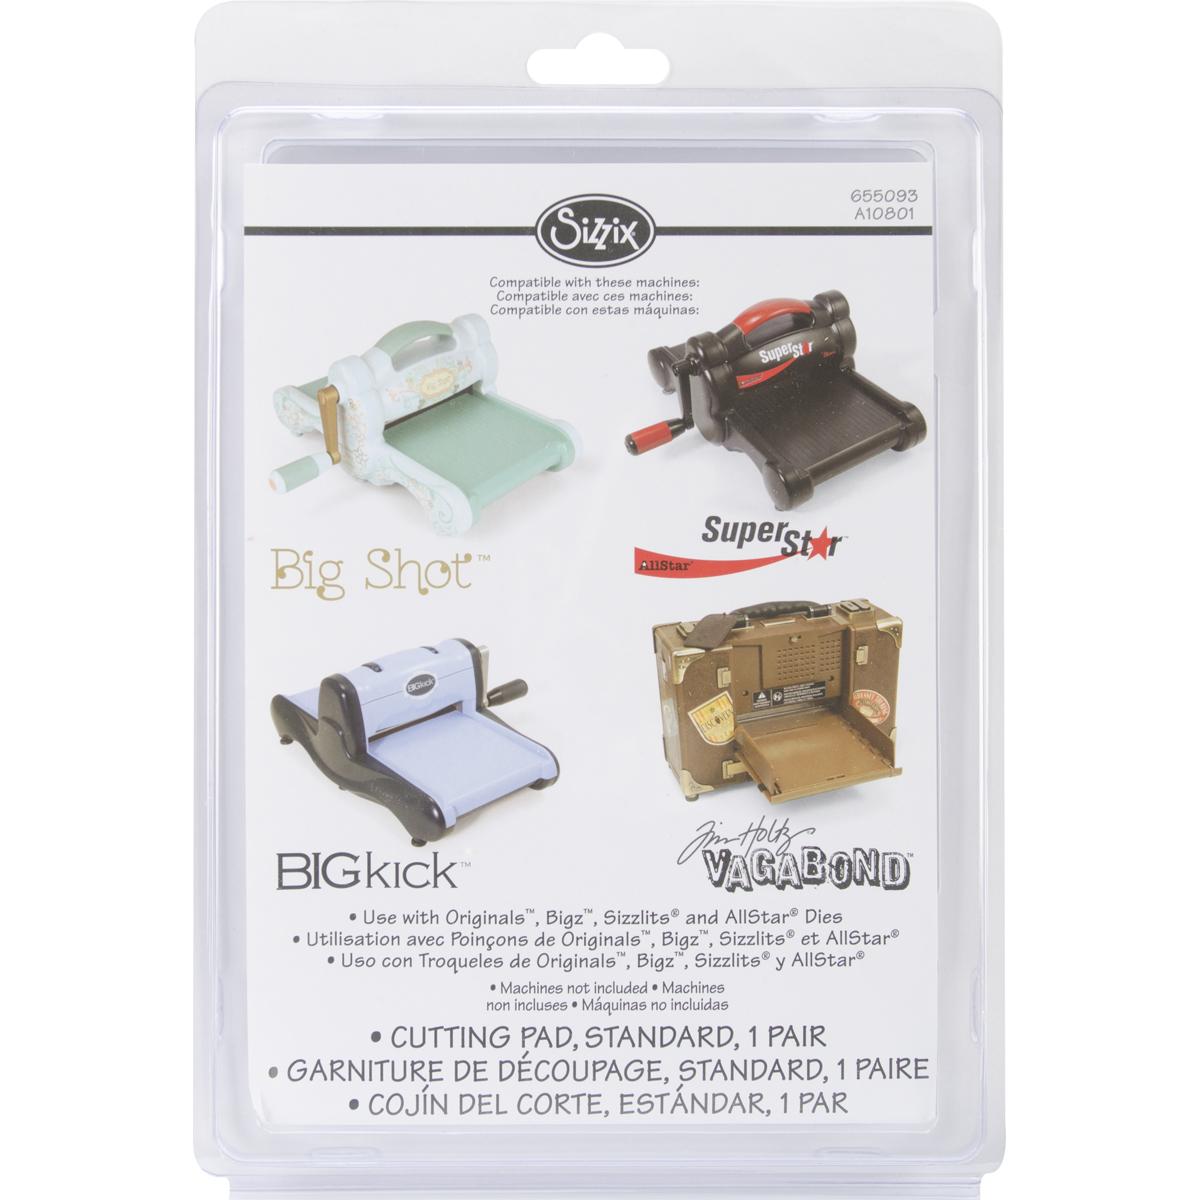 Sizzix BIGkick/Big Shot/Vagabond Cutting Pads 1 Pair-Standard 8.75X6.125X.125